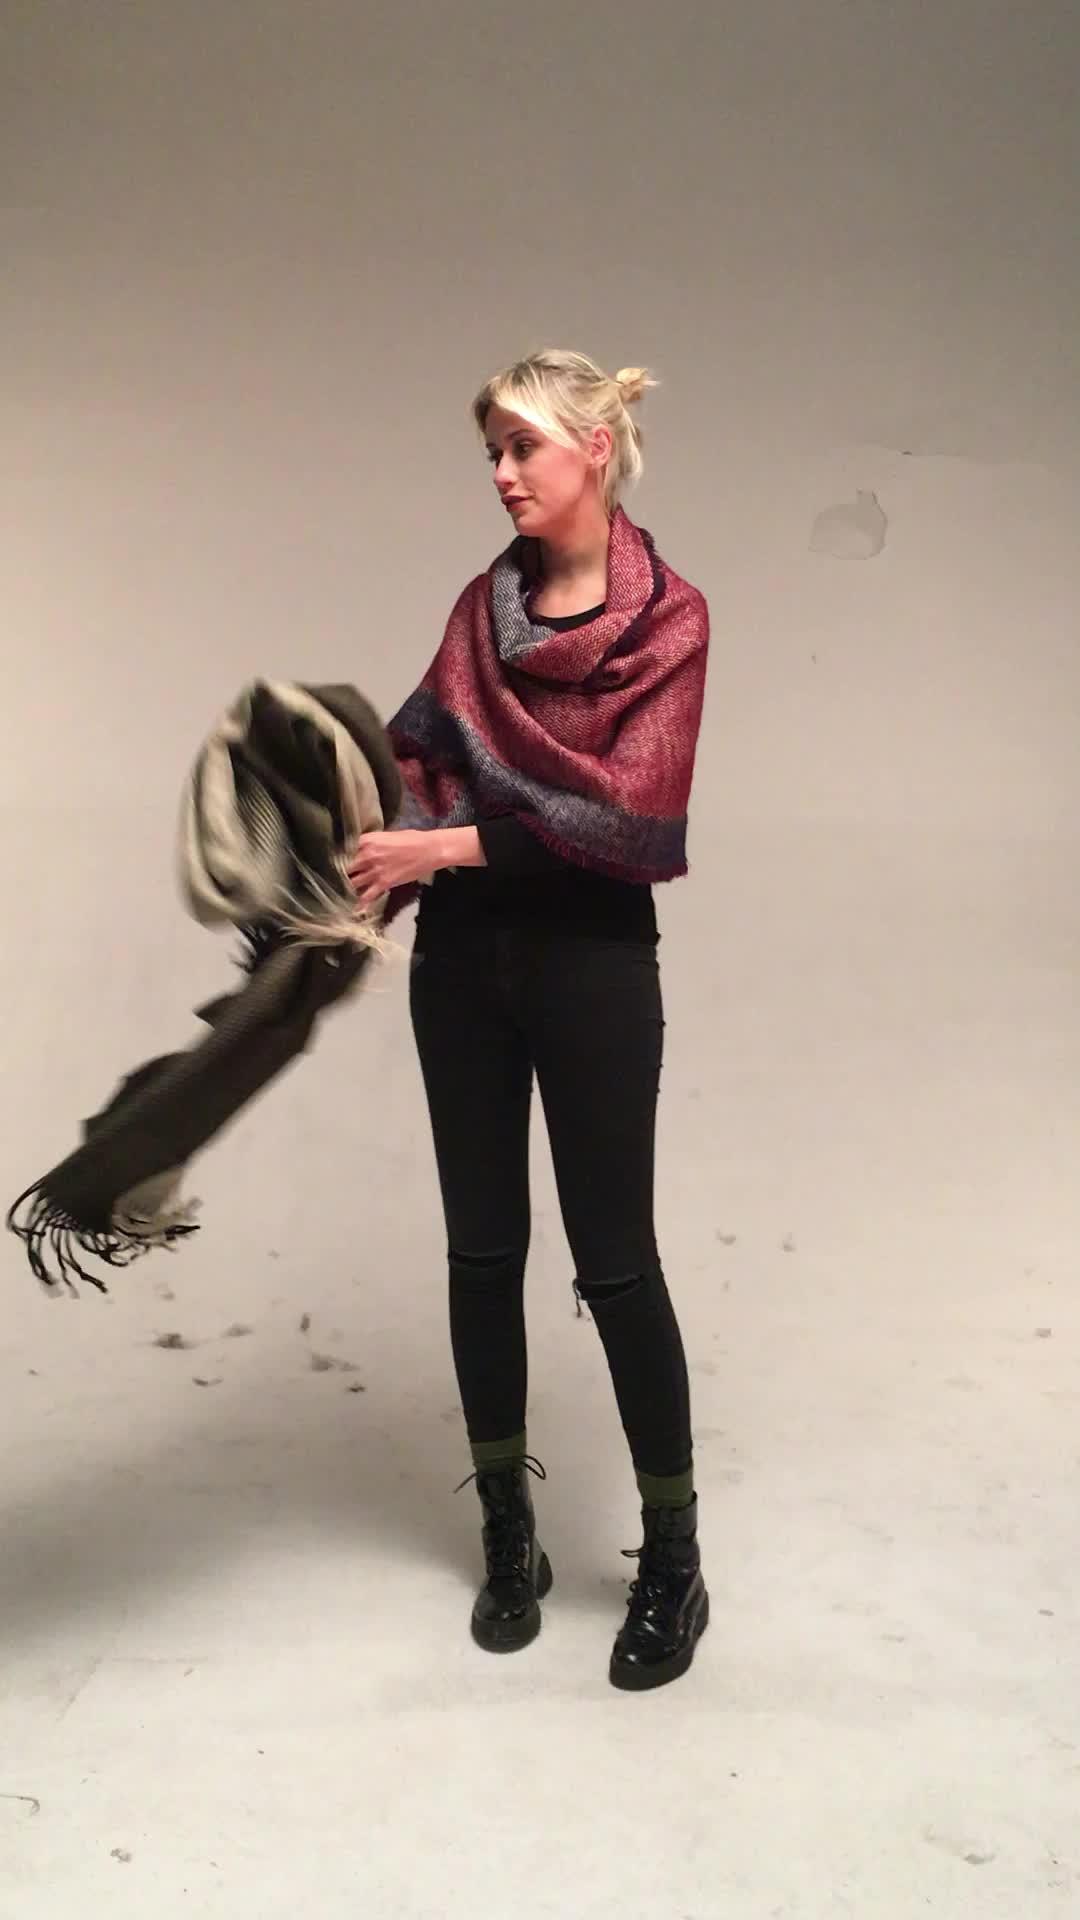 ผู้หญิงฤดูหนาวที่อบอุ่นผ้าพันคอแฟชั่นสียาว Pashmina คลาสสิกลาย Stole Shawl mohair ผ้าพันคอขนสัตว์